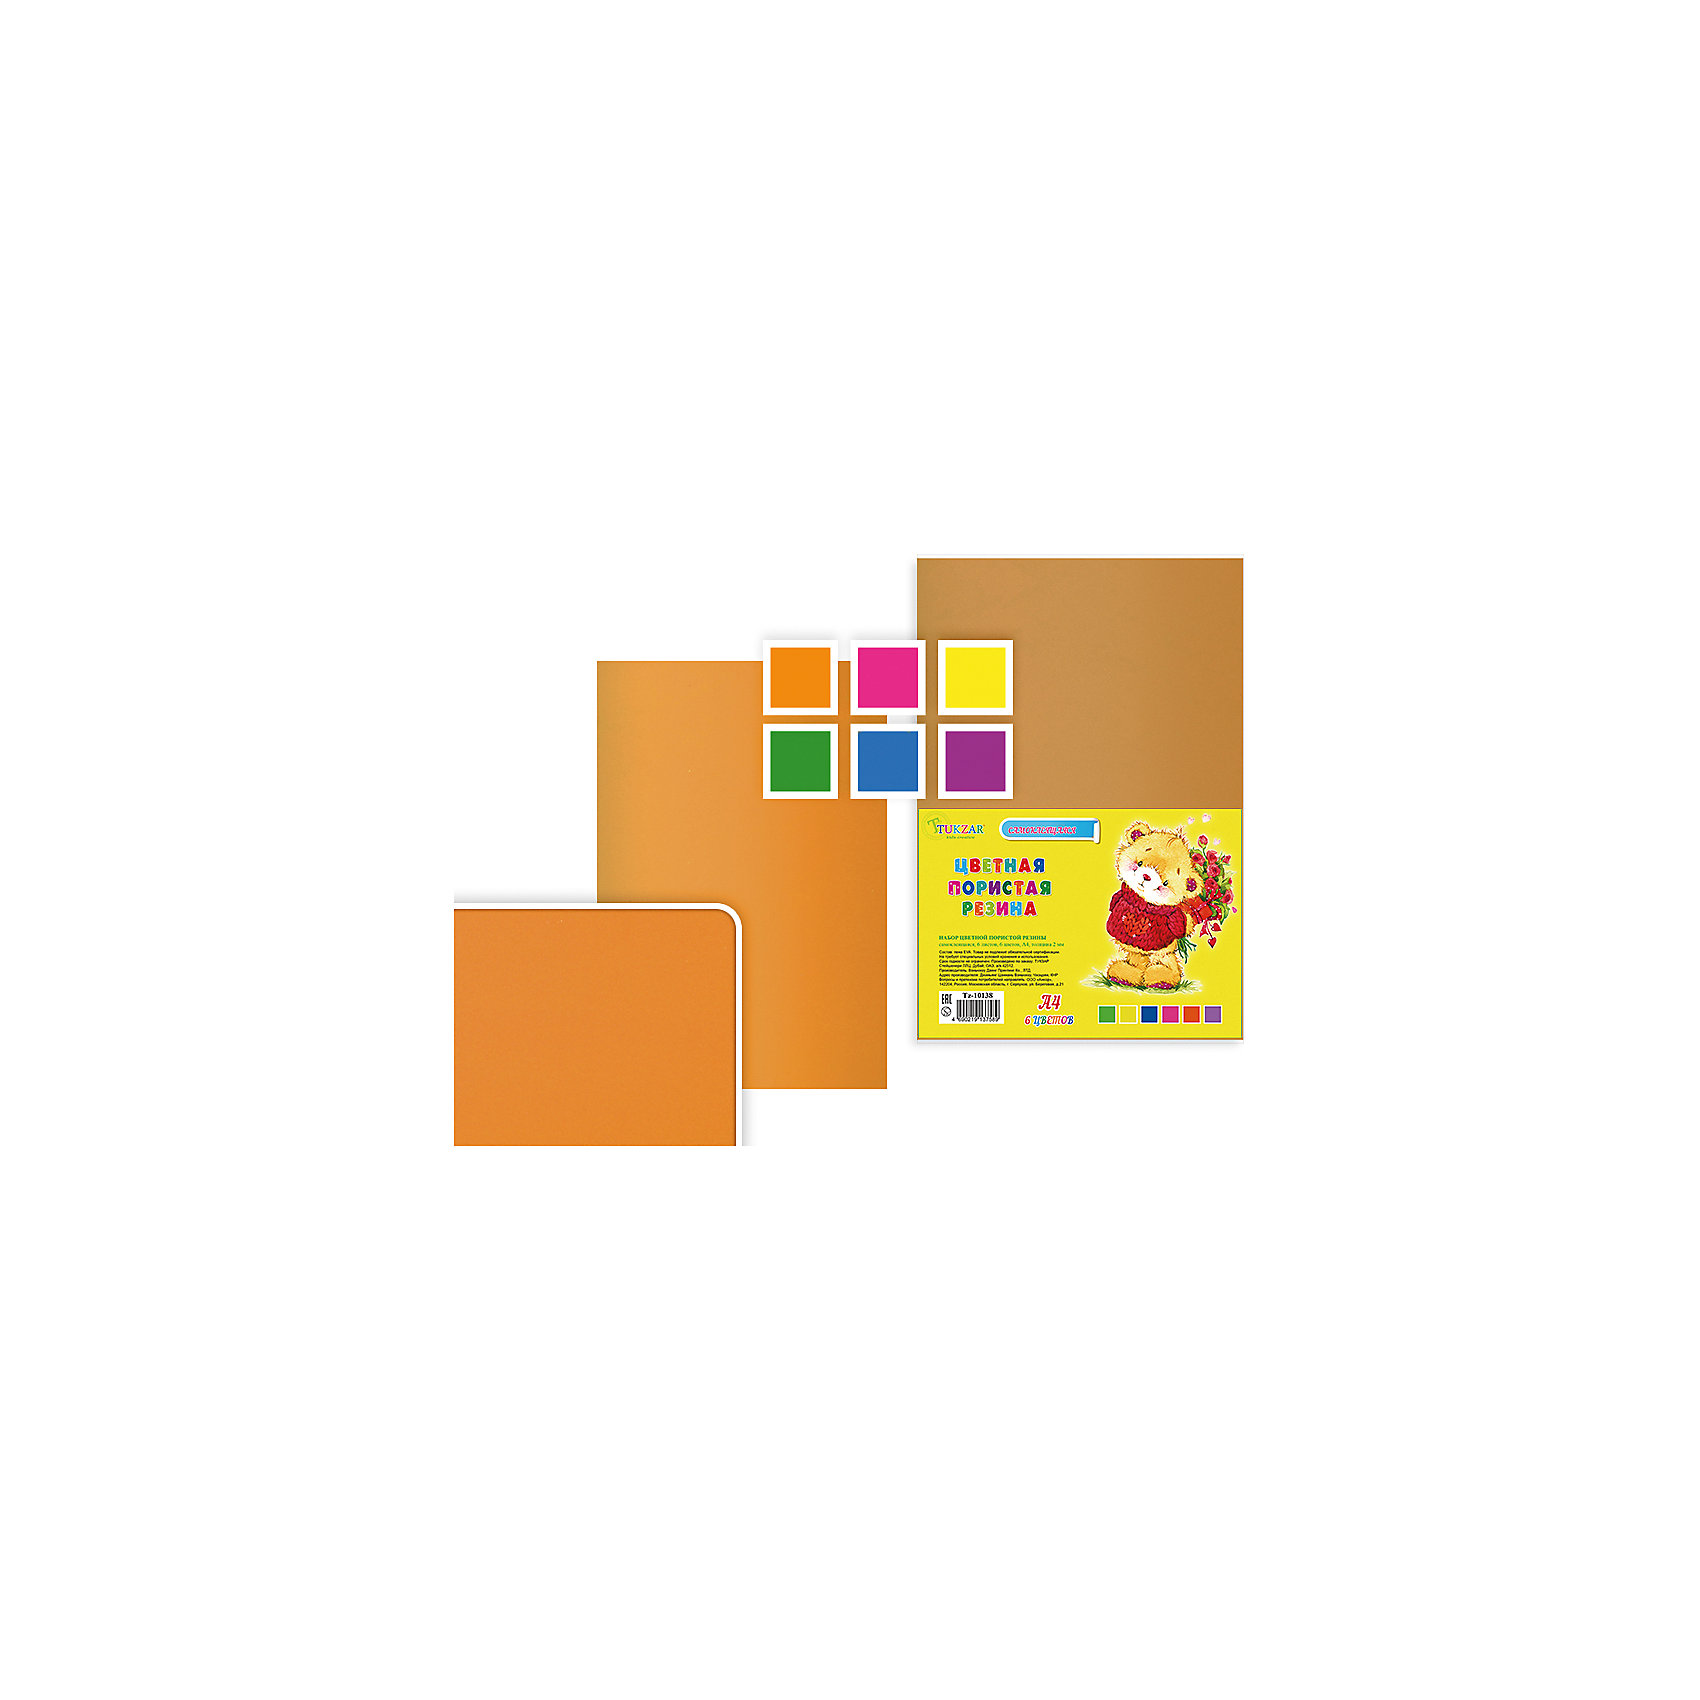 Набор цветной пористой резины самоклеящейся, 6 листов, 6 цветов, А 4.Рукоделие<br>Набор цветной пористой резины самоклеящейся, 6 листов, 6 цветов, А 4.<br><br>Ширина мм: 330<br>Глубина мм: 8<br>Высота мм: 210<br>Вес г: 113<br>Возраст от месяцев: 72<br>Возраст до месяцев: 2147483647<br>Пол: Унисекс<br>Возраст: Детский<br>SKU: 5504496